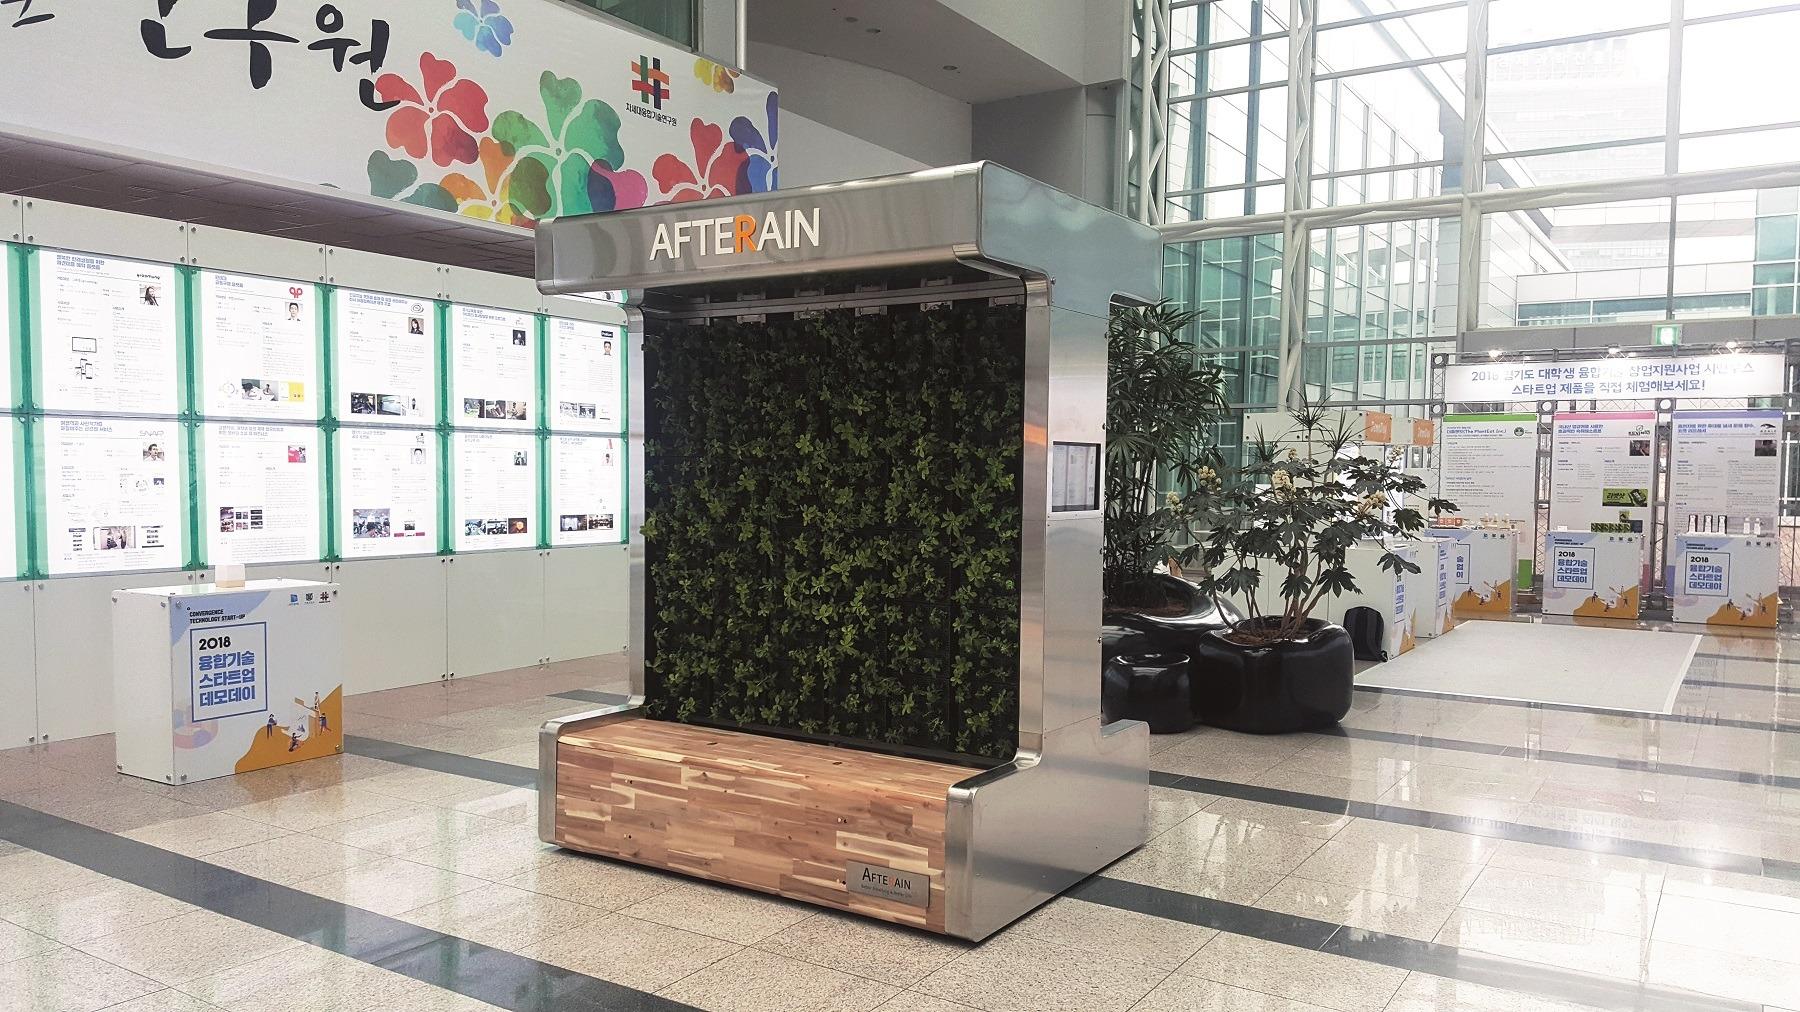 애프터레인 공기정화벤치에 식재된 식물은 사물인터넷을 이용해 사람의 도움 없이 자랄 수 있으며, 빗물을 저장해 사용하므로 관리하기가 편리하다 - (클릭시 큰 이미지 보기)